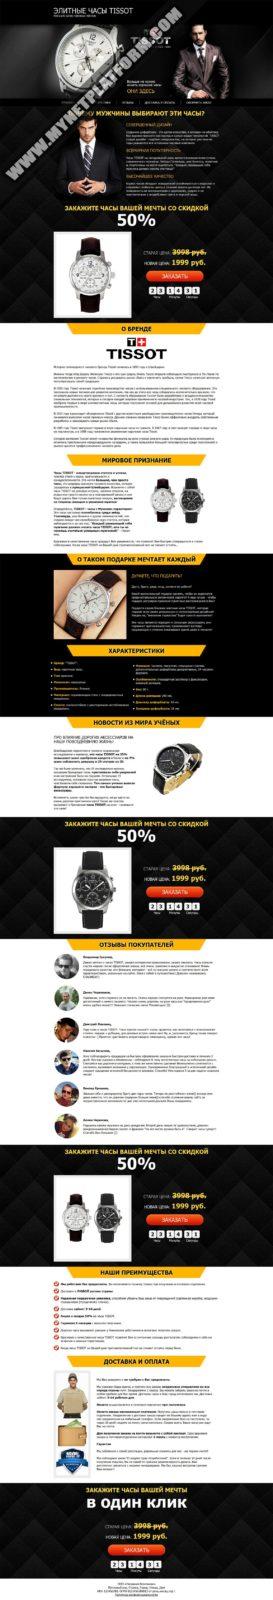 Скриншот готового лендинга для товара Мужские часы Tissot 01